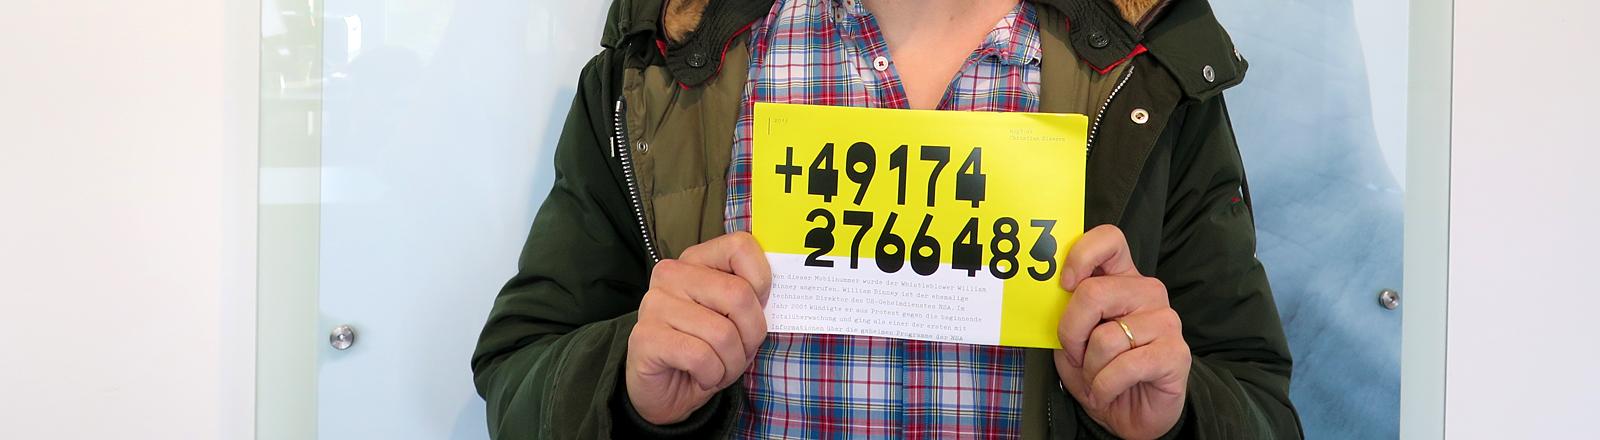 Eine Handynummer auf einem gelben Zettel